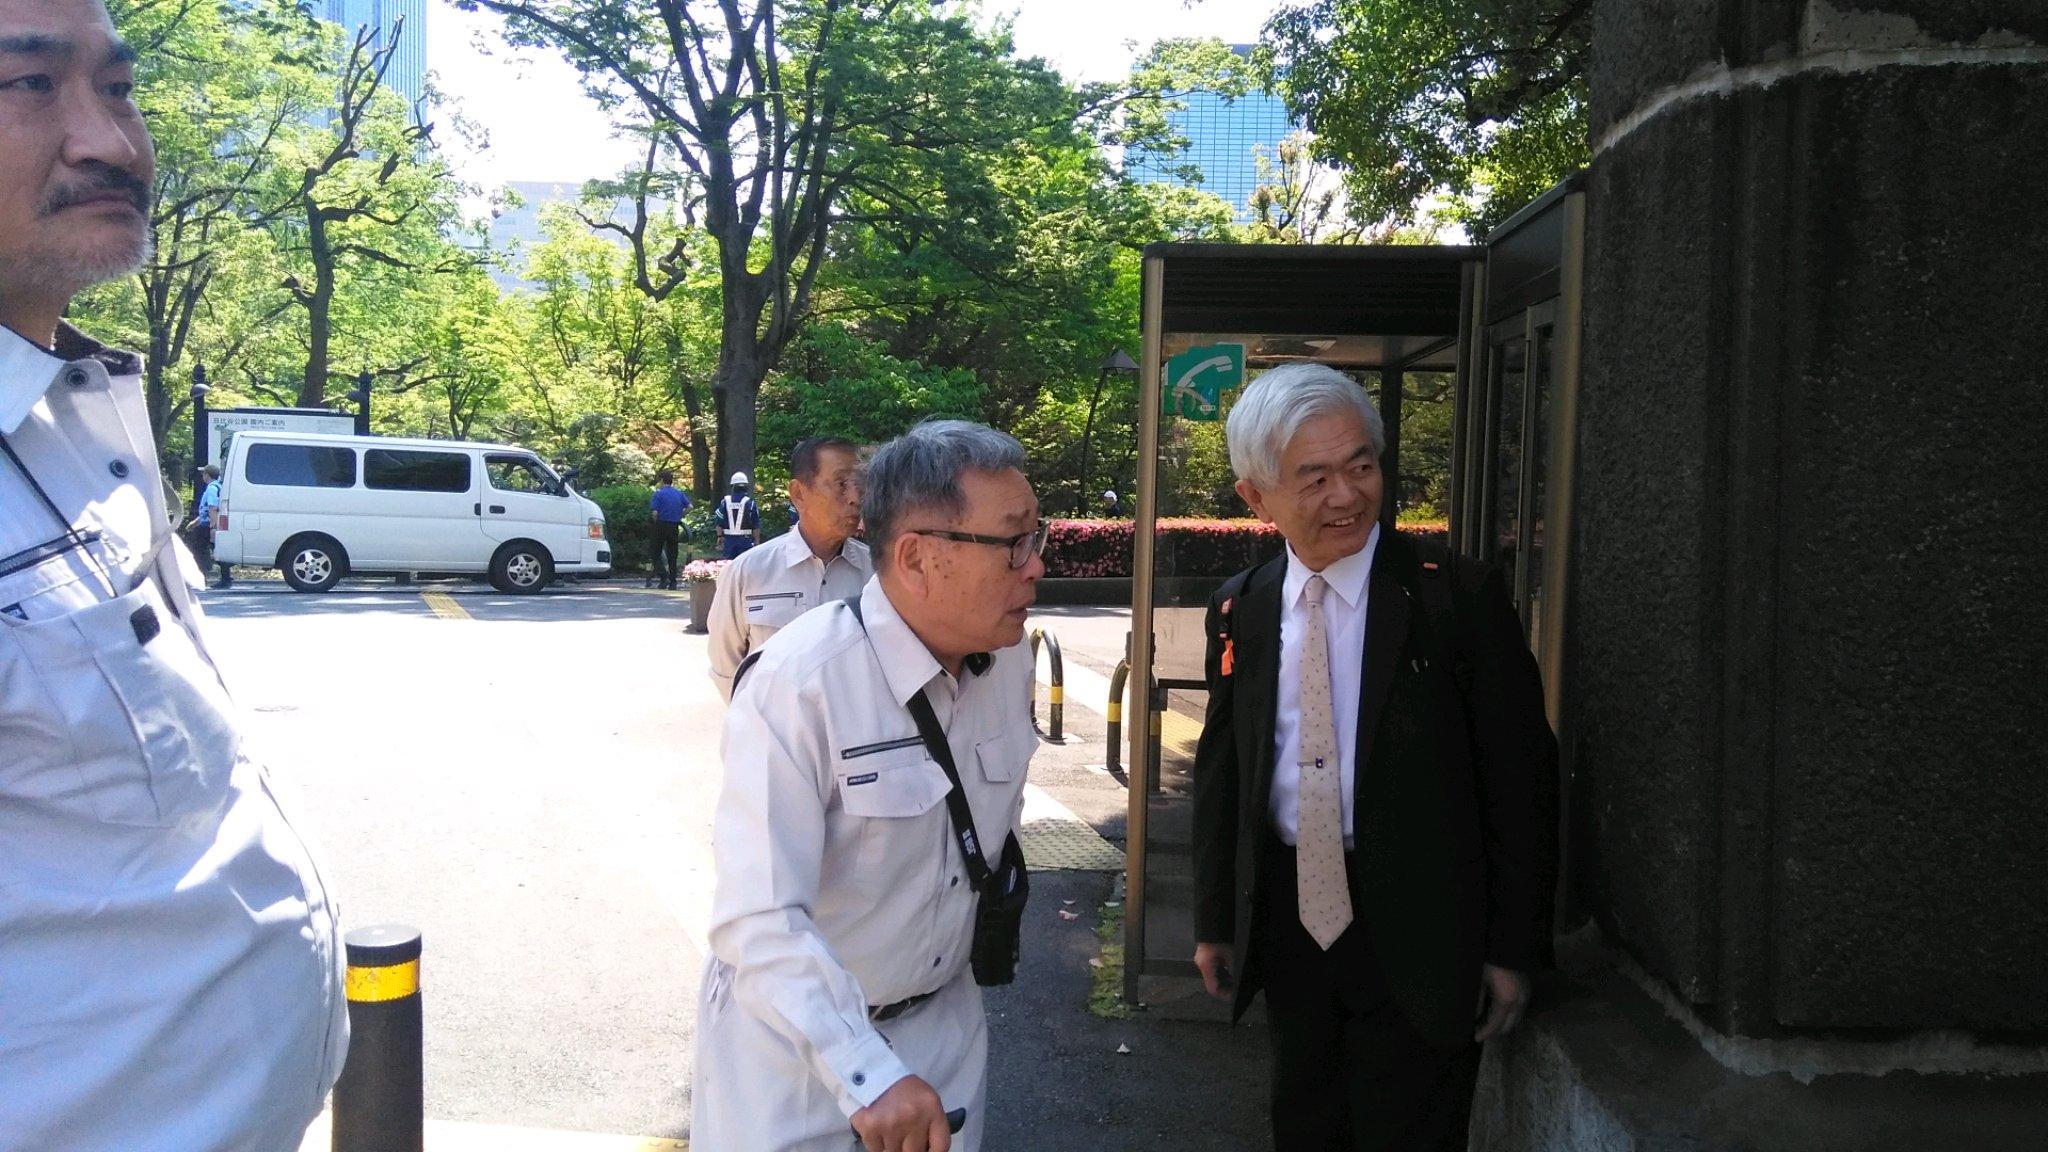 令和元年5月24日 特定失踪者問題調査会 しおかぜネットワーク代表の荒木 和博 教授から連絡あり東京に上がり久しぶりに荒木先生とお会いした。